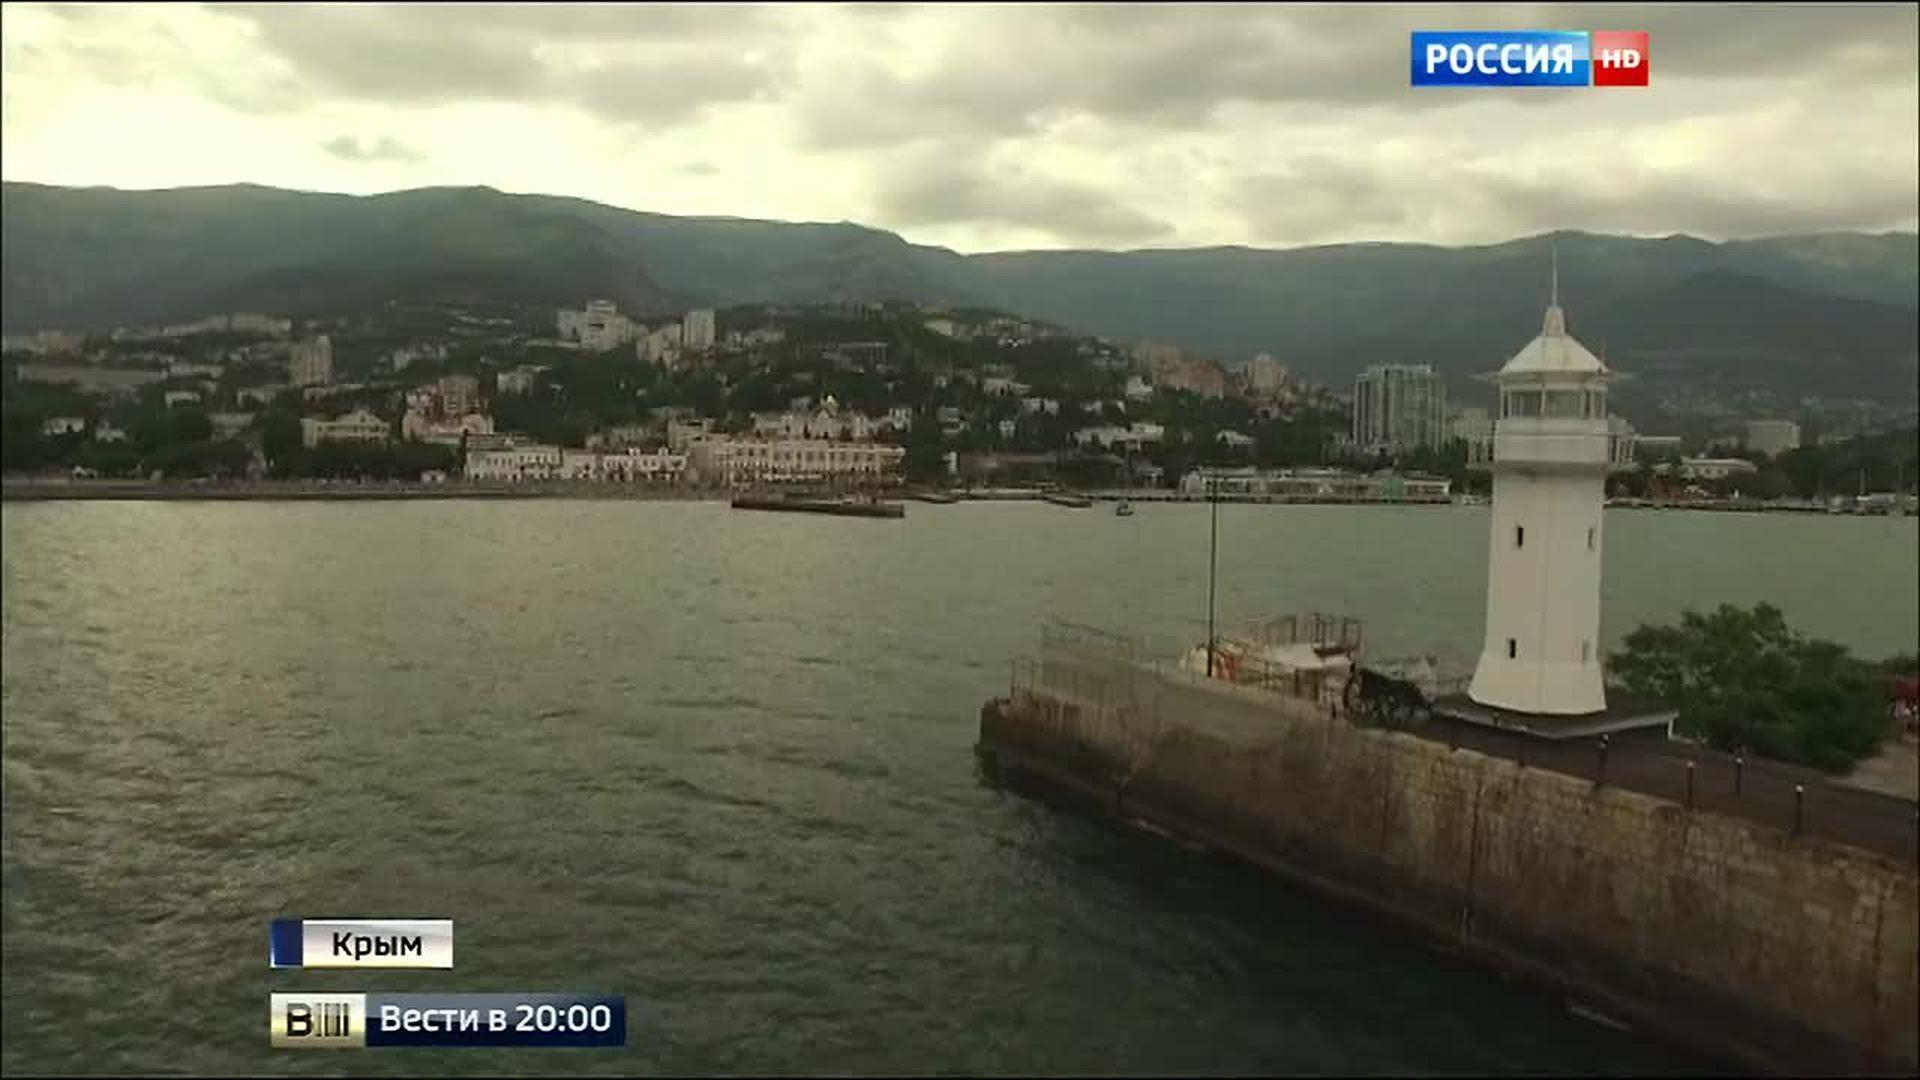 Крым. Между прошлым и будущим